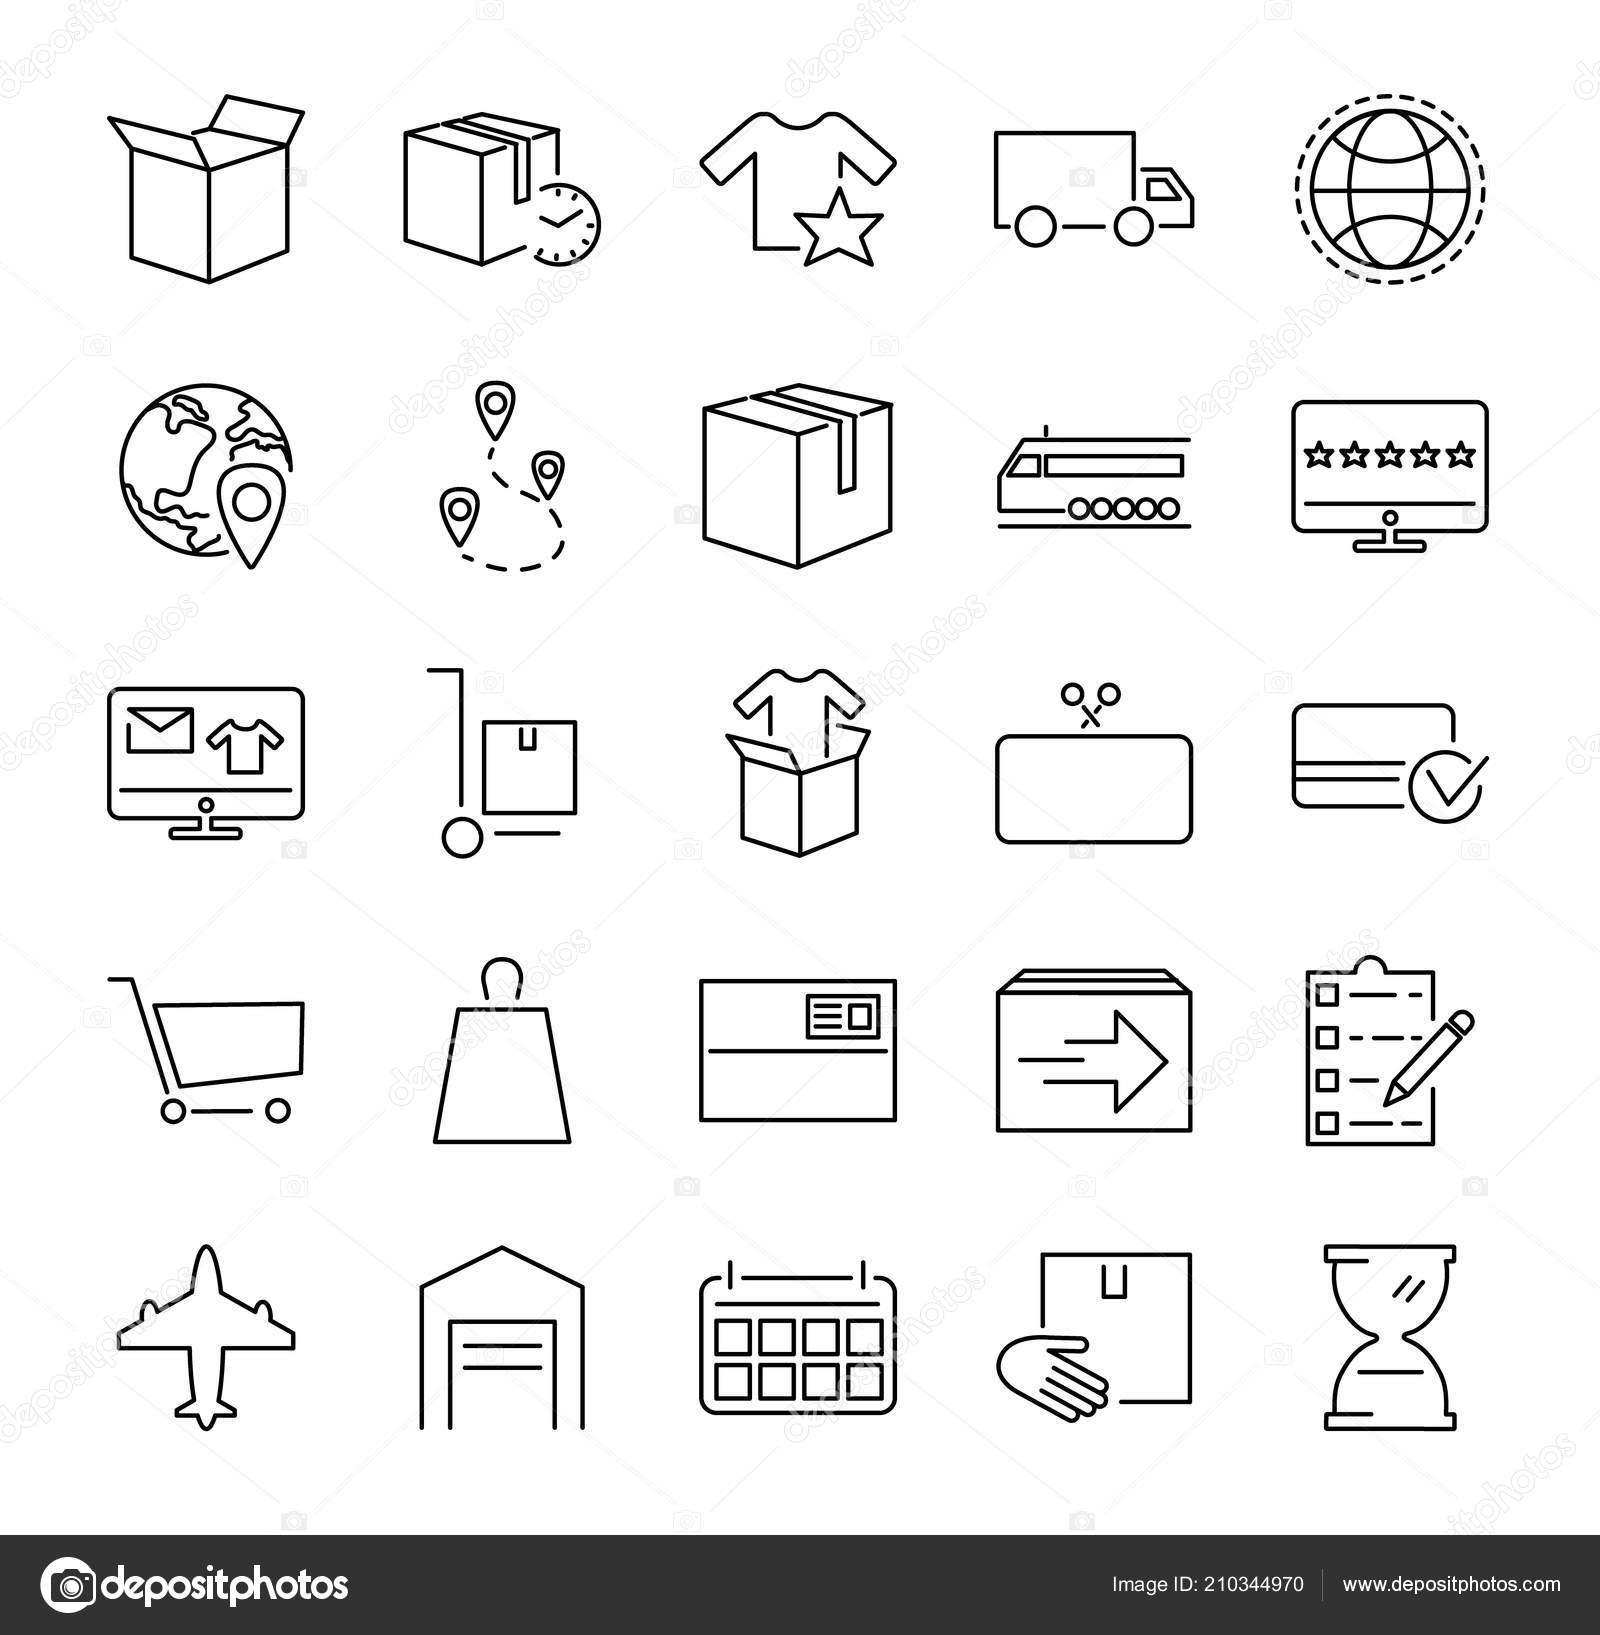 Bestellen Sie Erfüllung Vektor Illustration Icons Sammlung